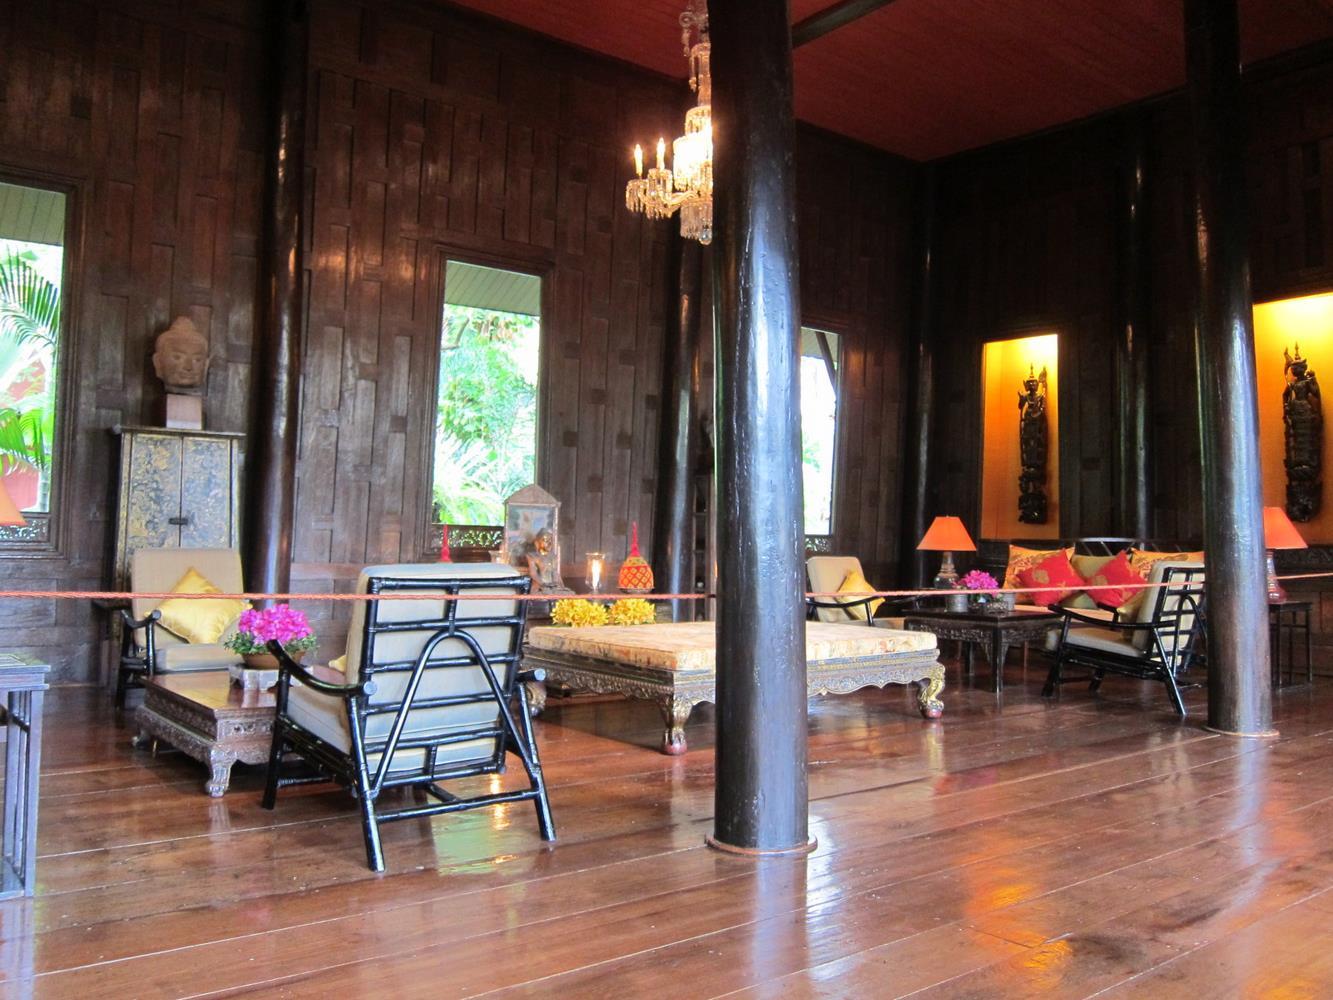 موزه خانهٔ جیم تامپسون تایلند